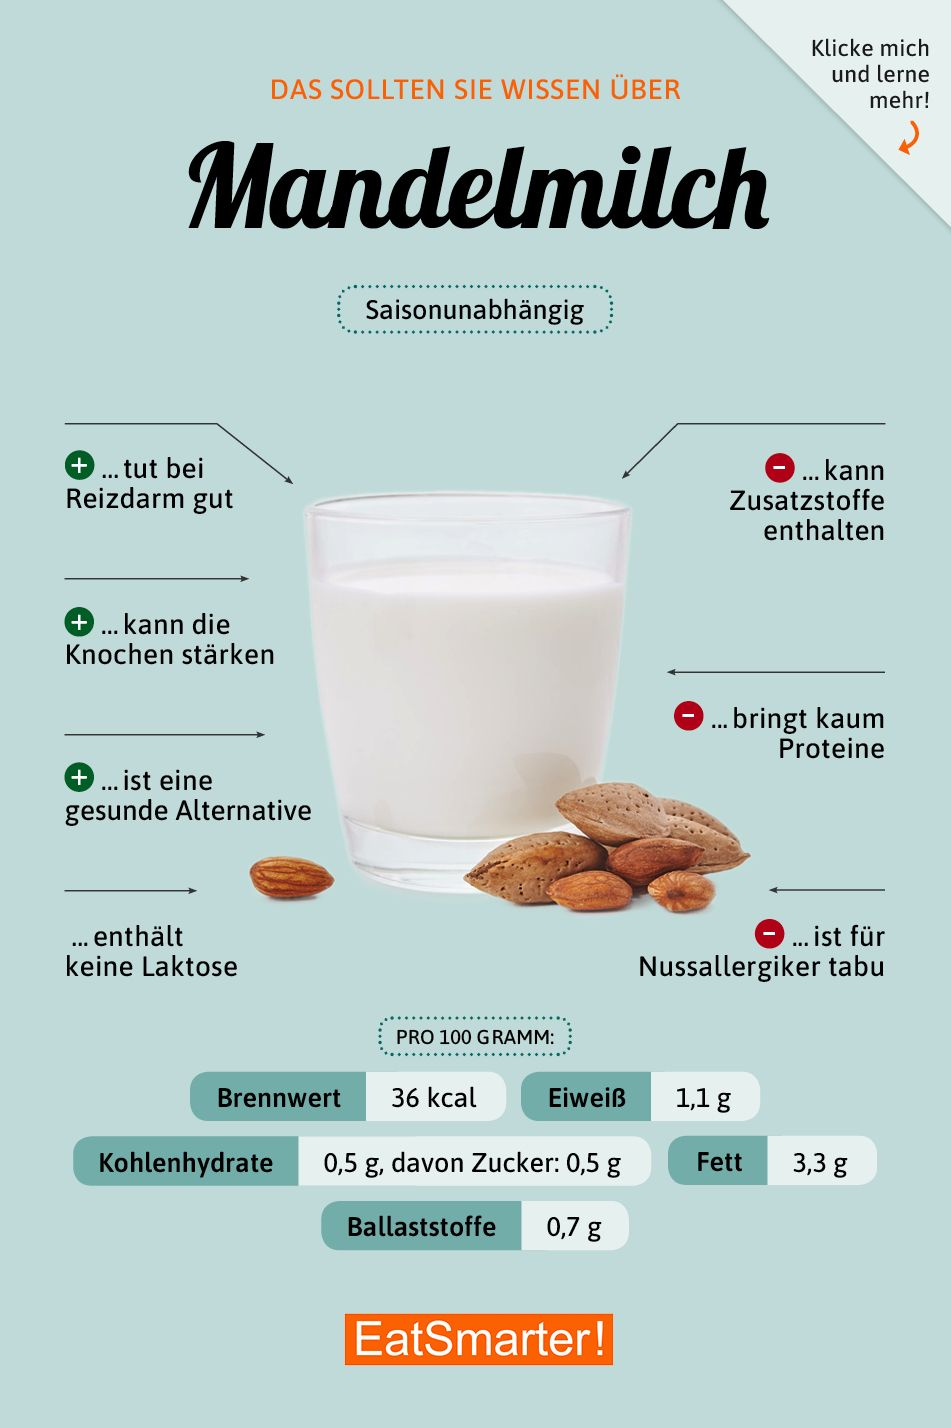 Das solltest du über Mandelmilch wissen   eatsmarter.de #ernährung #infografik #mandelmilch #vitamins